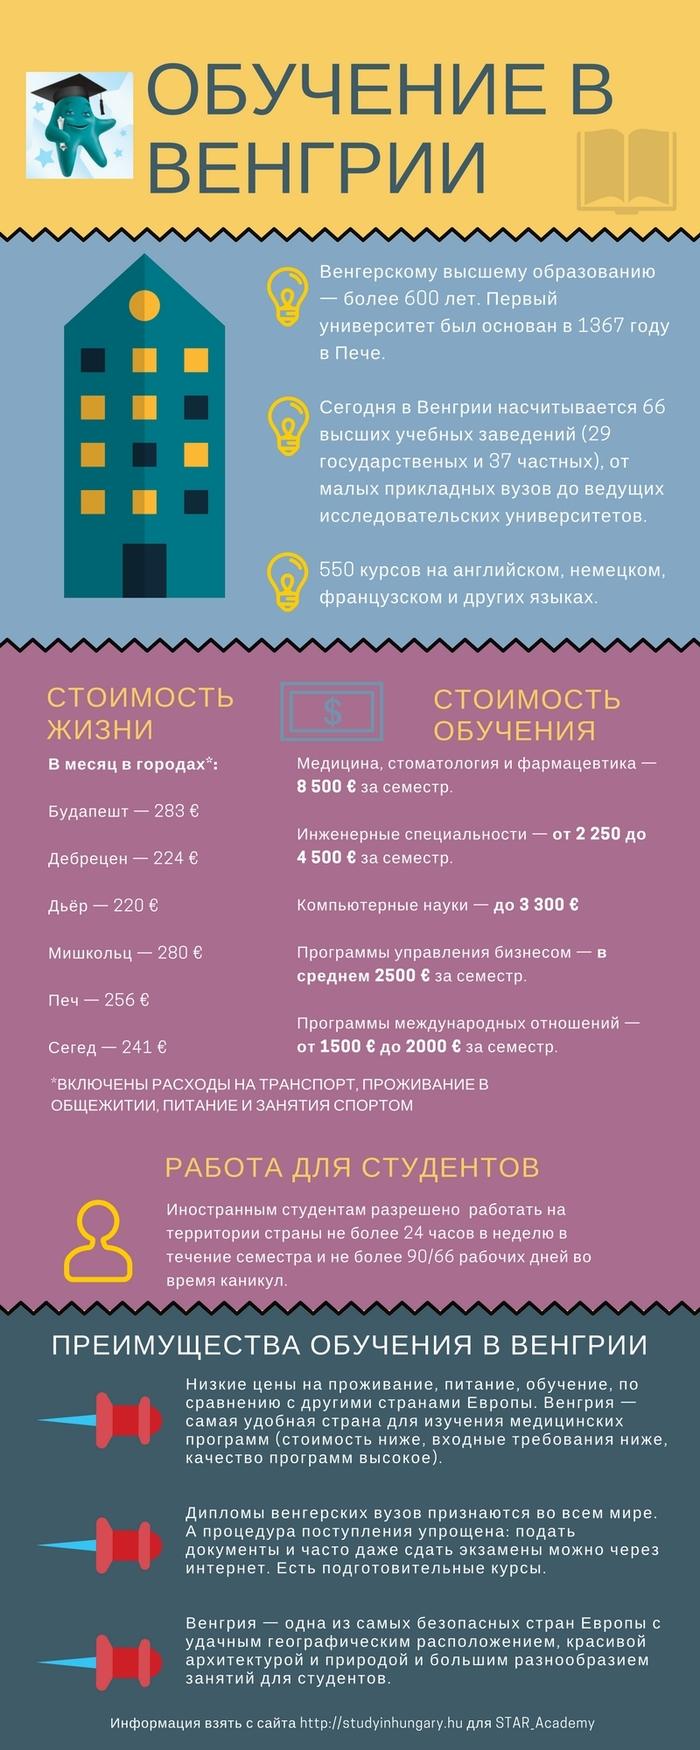 Инфографика: Высшее образование в Венгрии Венгрия, Обучение в Венгрии, Обучение, Стипендия, Будапешт, Инфографика, Высшее образование, Длиннопост